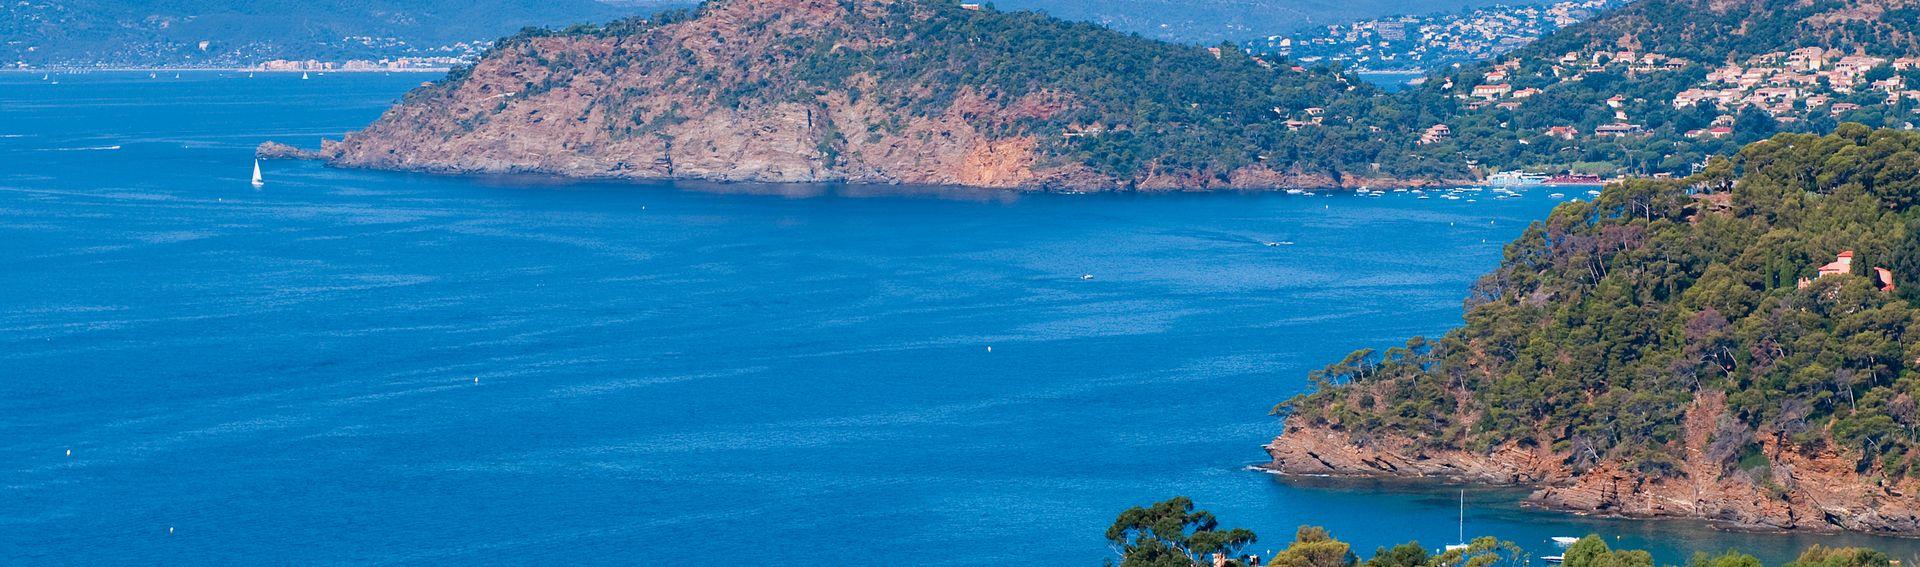 Halbinsel Giens (Côte d'Azur - Südfrankreich)